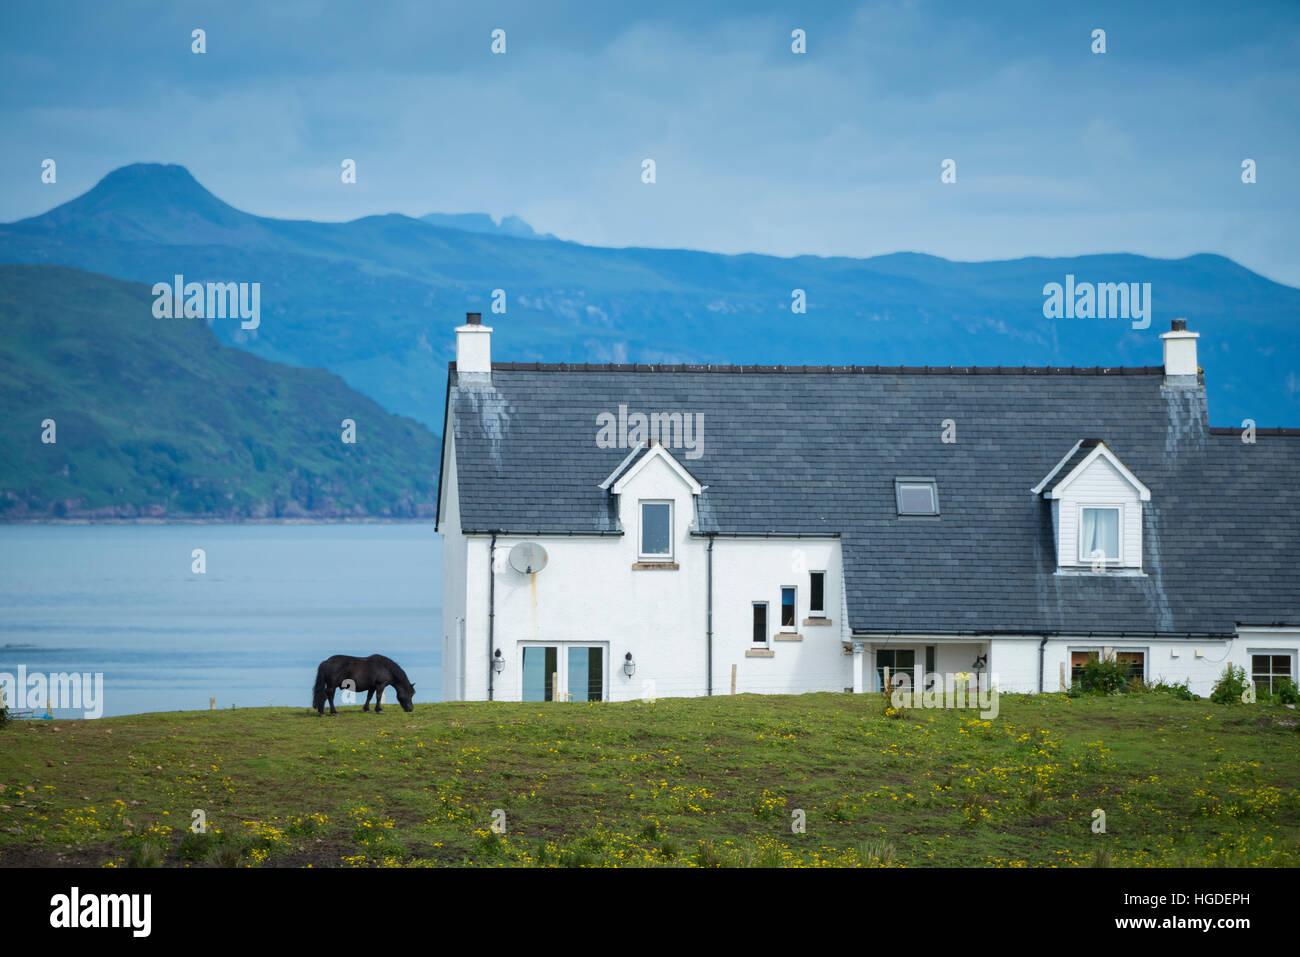 Scotland, Hebrides archipelago, Isle of Skye - Stock Image